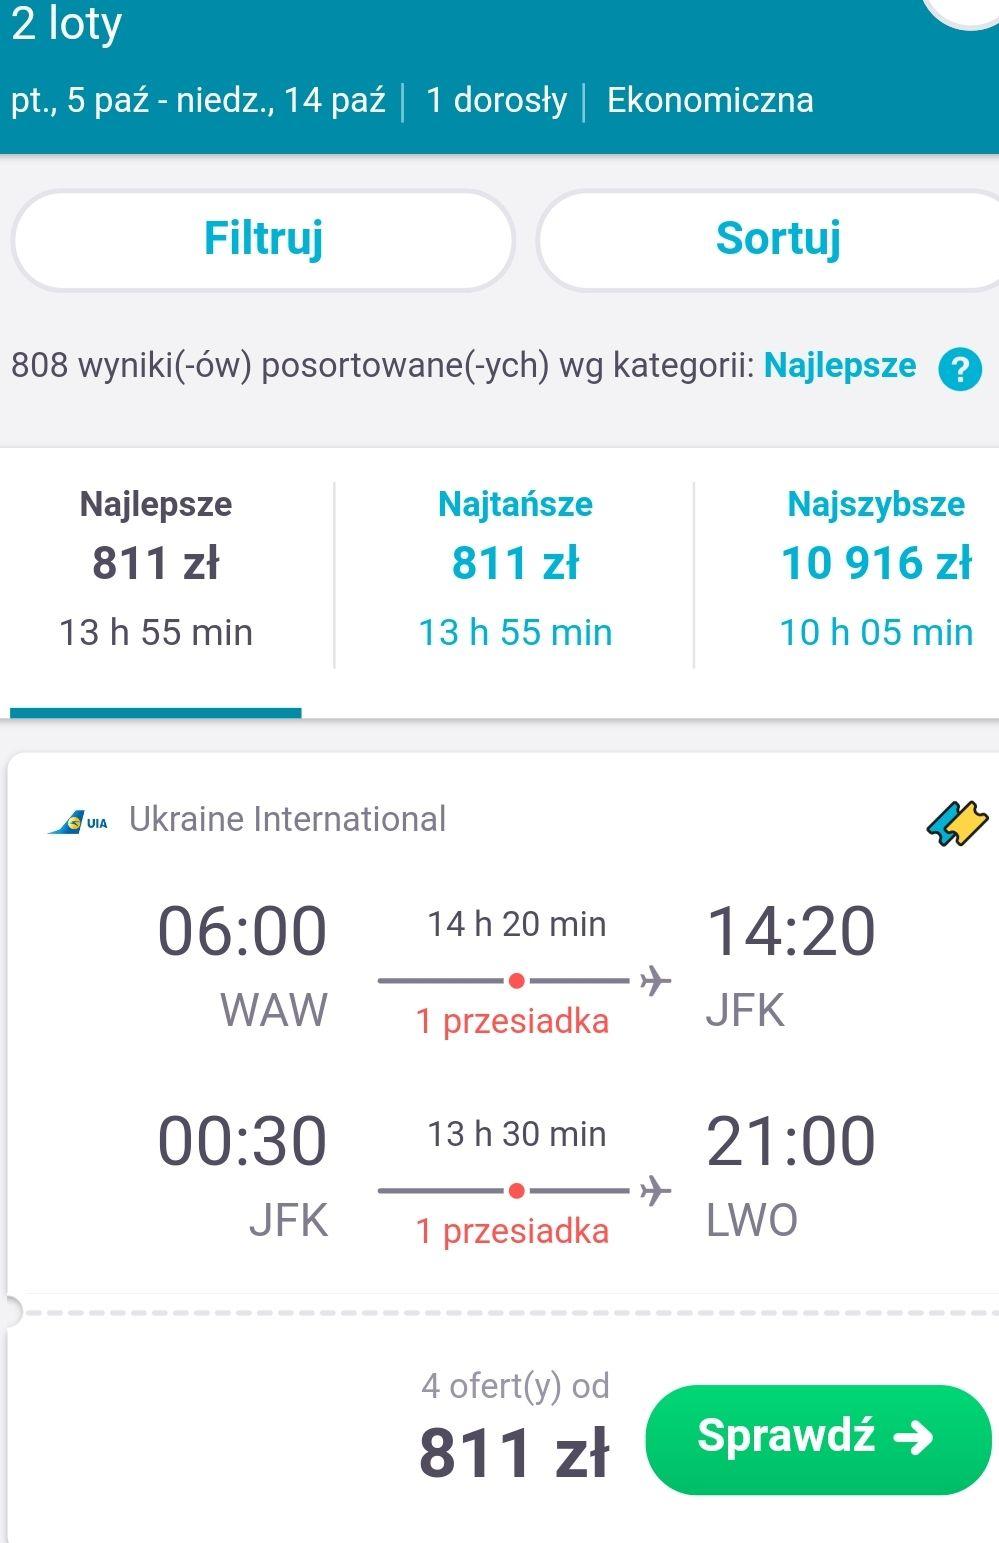 Super tanie loty do USA! Bilety do Nowego Jorku od 811 PLN (dużo terminów, również z Warszawy i Krakowa) link w opisie